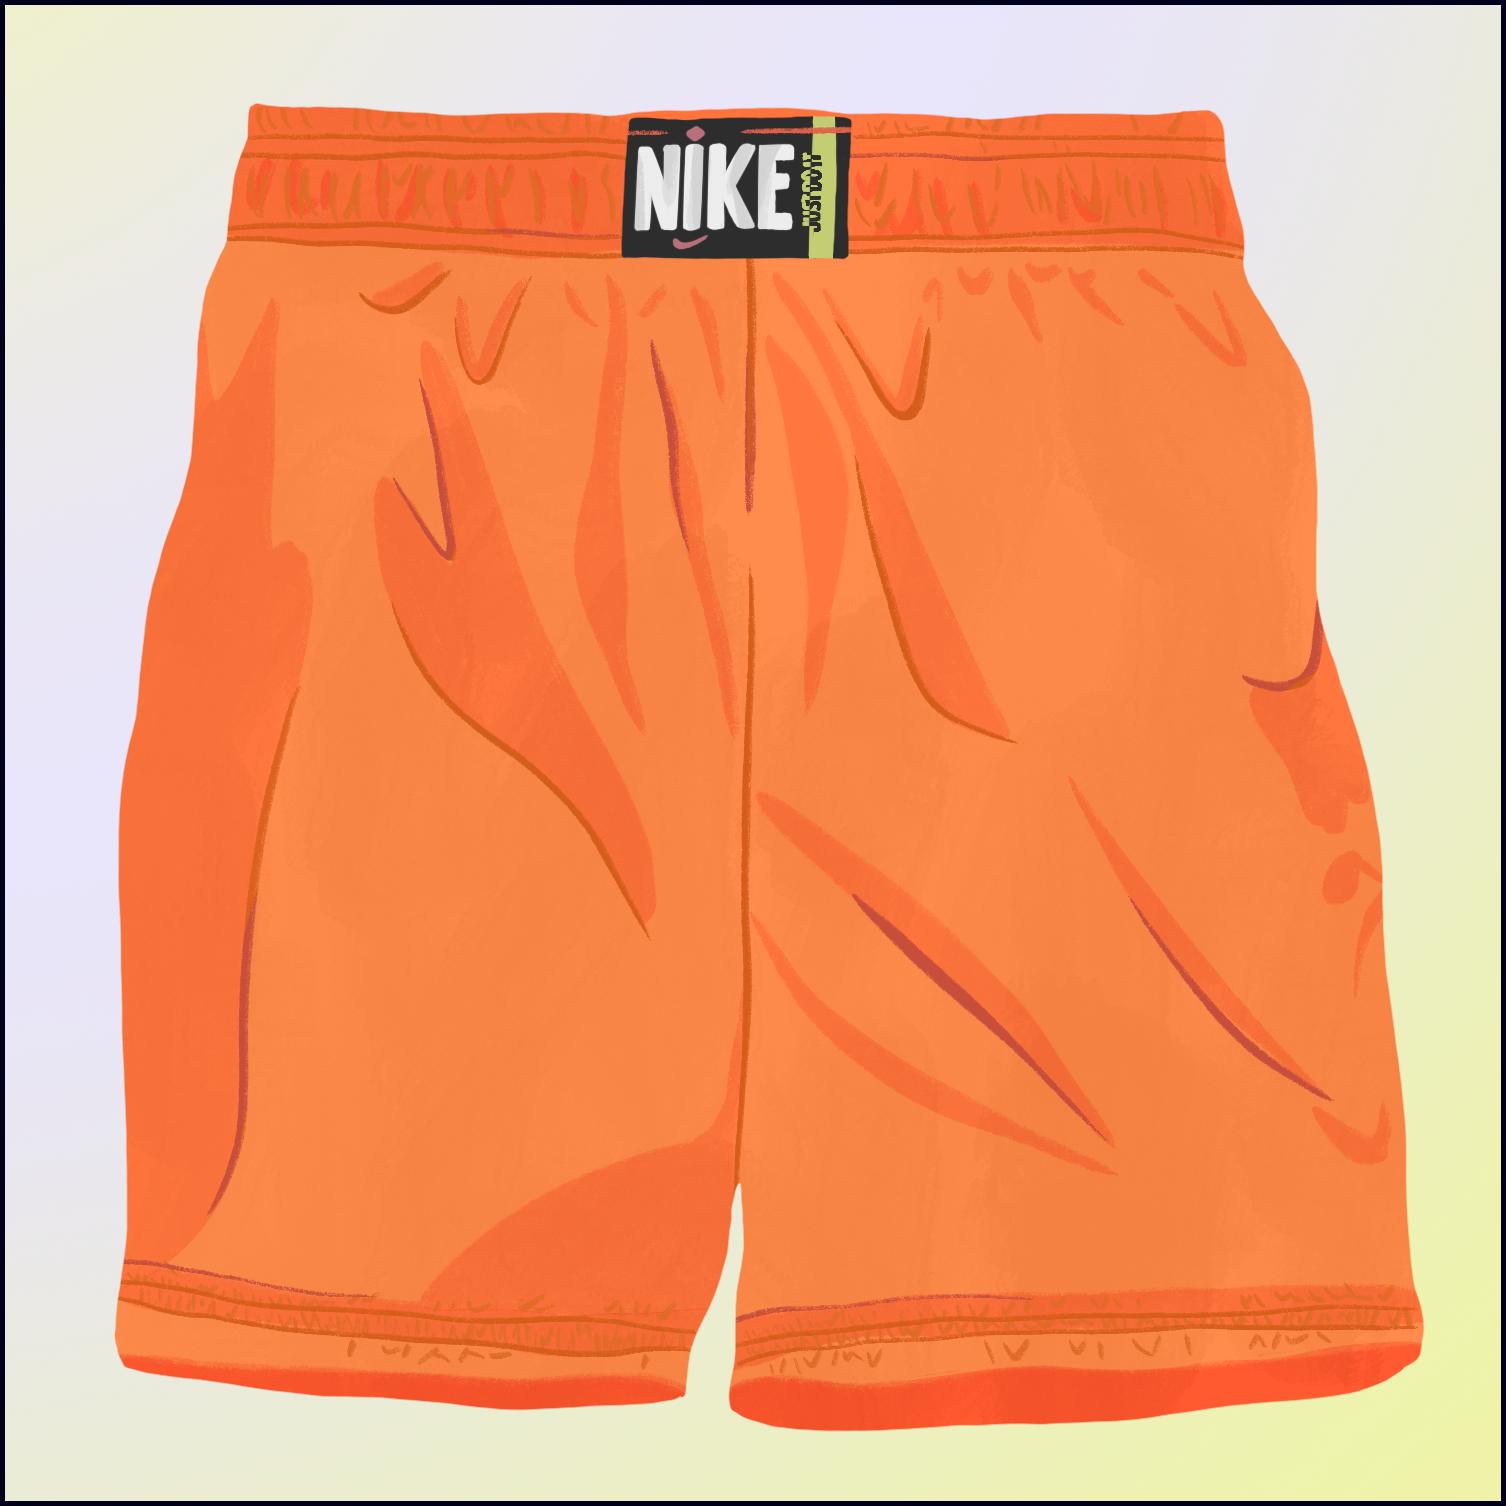 Nike_Woven_Shorts_1x1